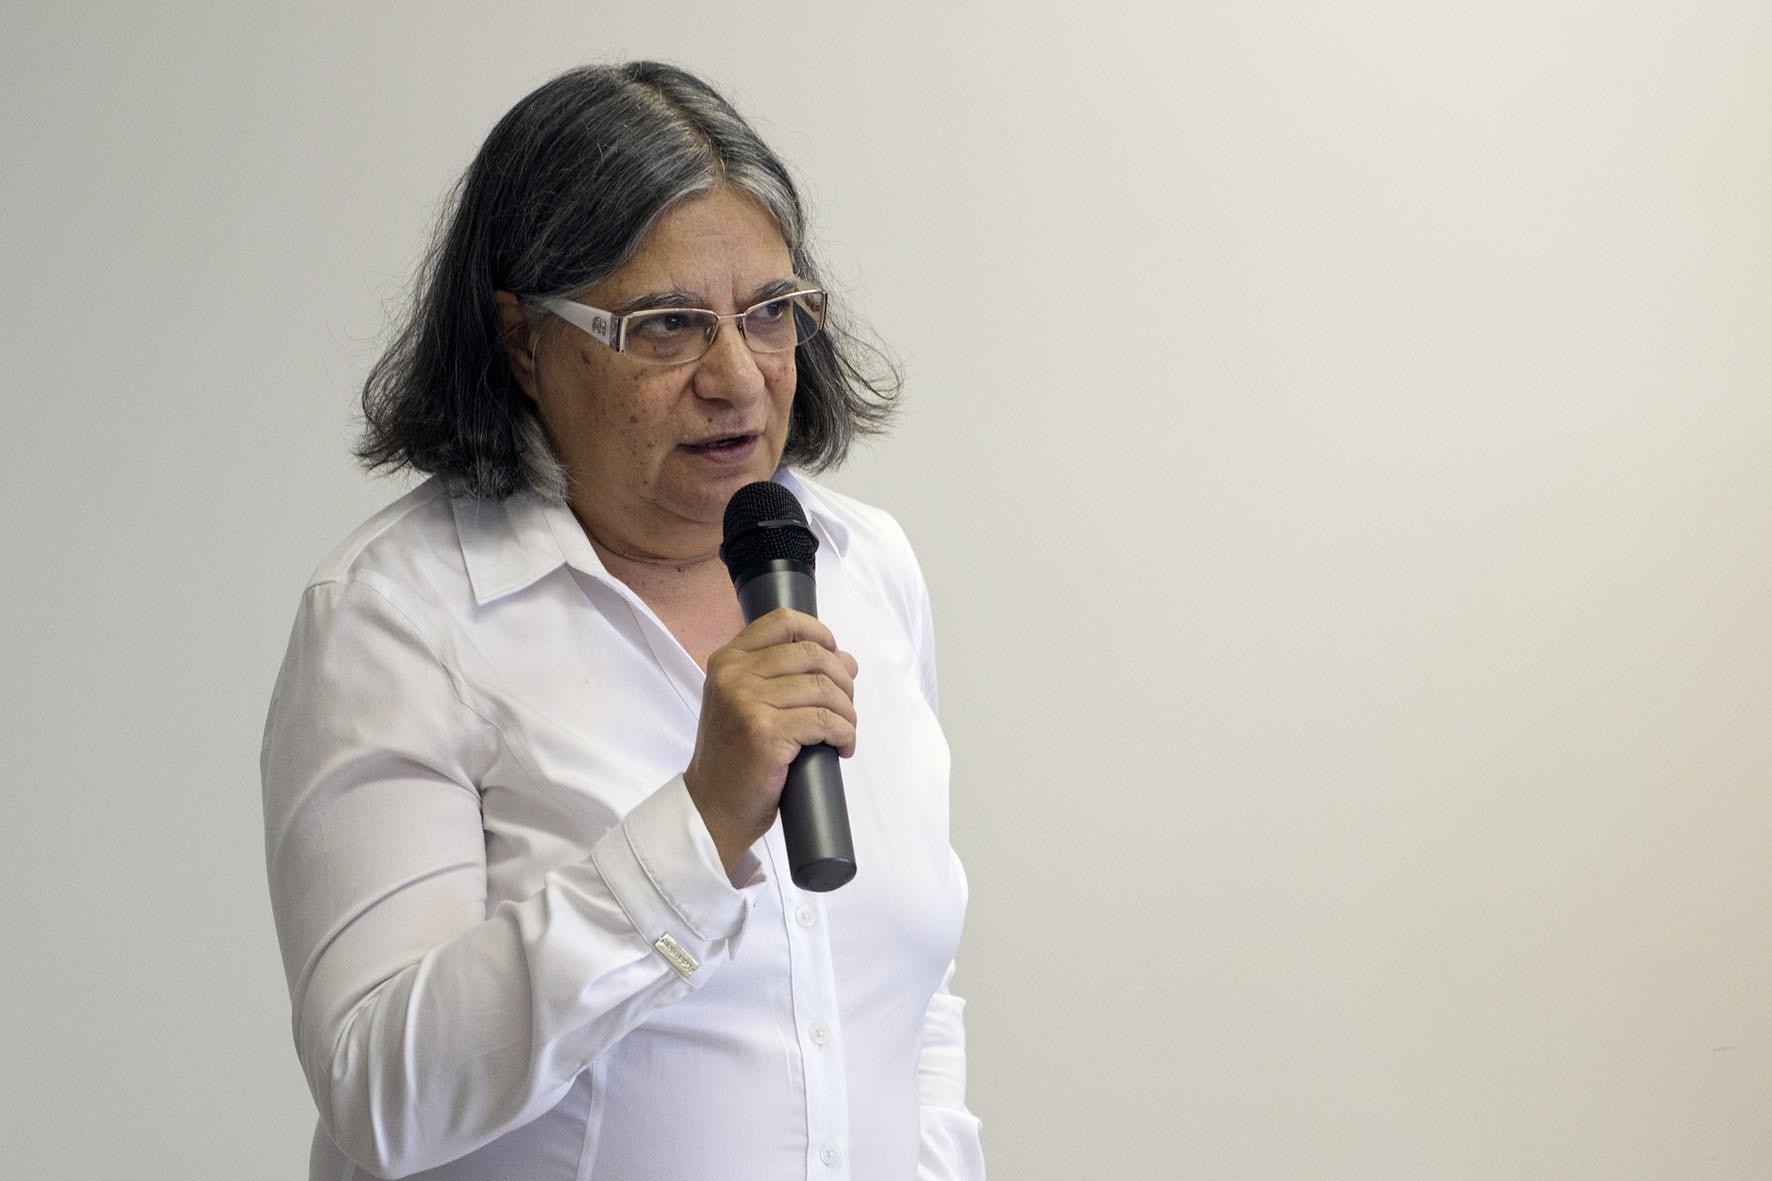 Teresa Atvars, pró-reitora de Desenvolvimento Universitário da Unicamp. Foto: Marcelo Oliveira. CADCC-FCM/Unicamp